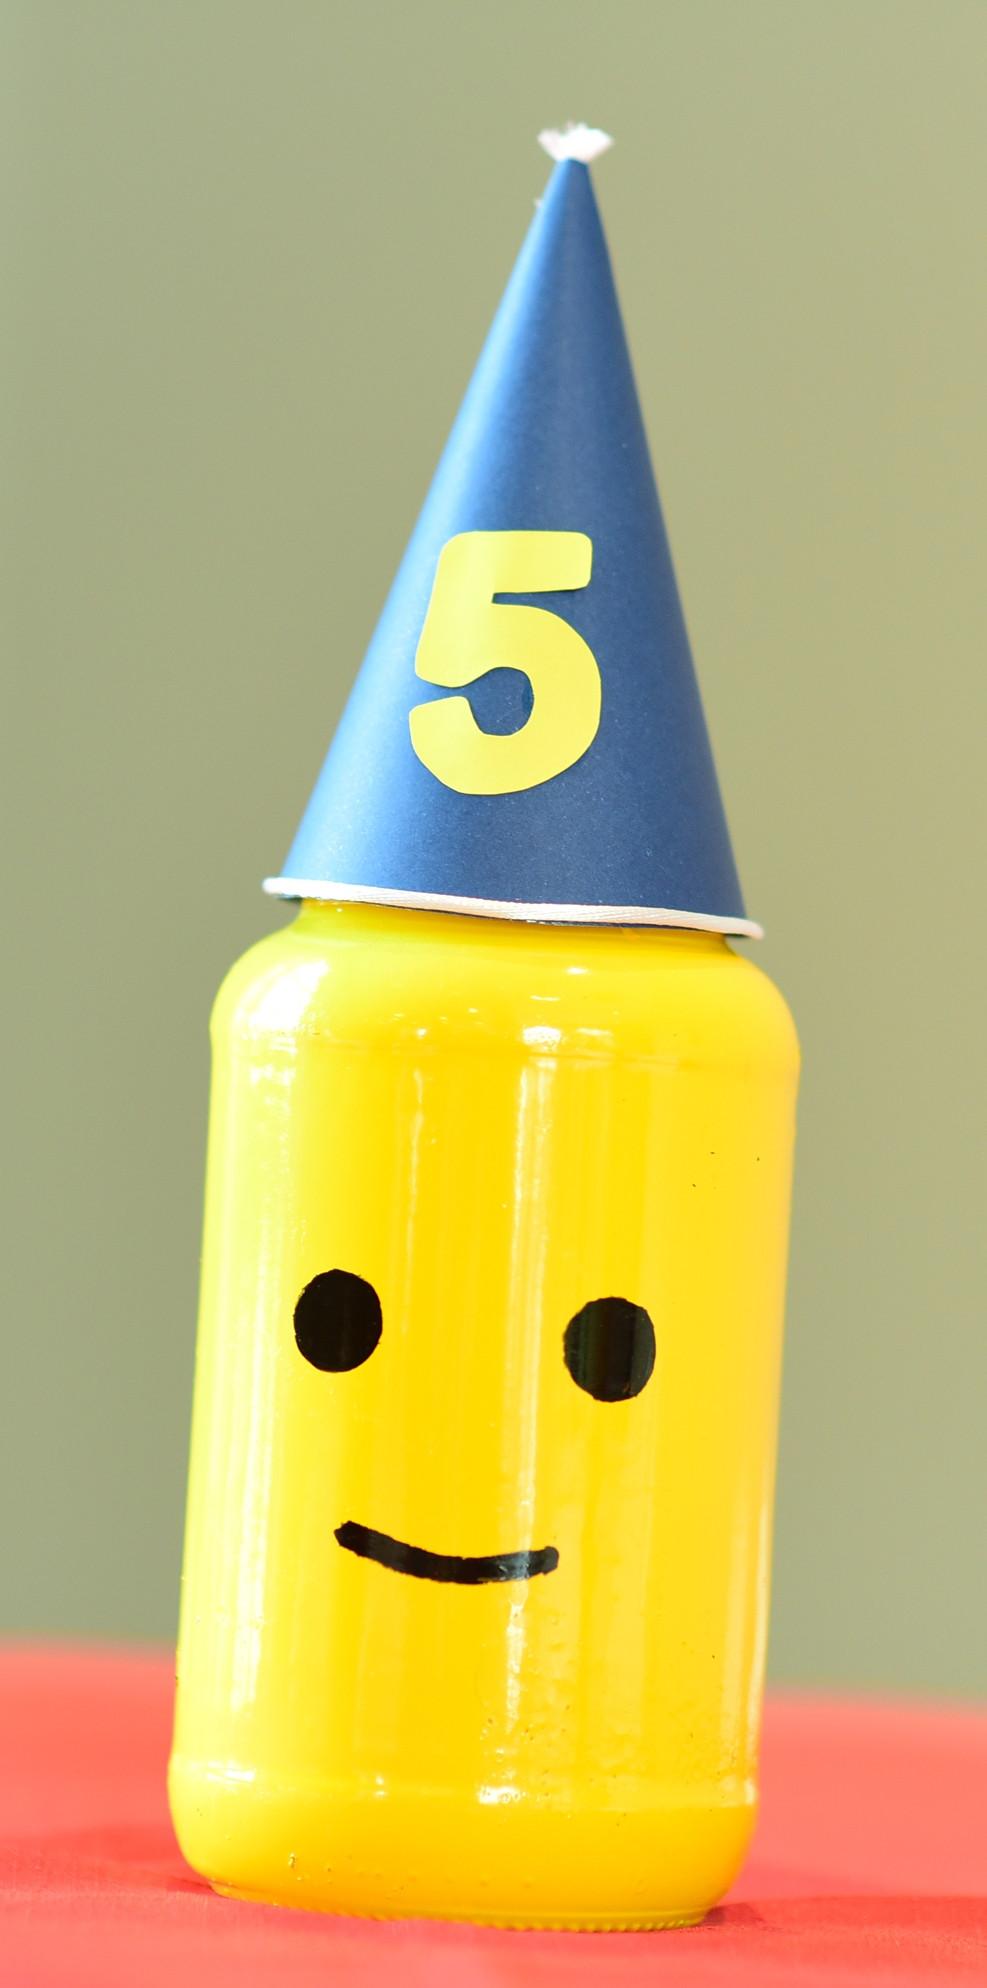 ♥Vidro de azeitonas transformou-se em uma linda carinha de peça Lego que utilizadocomo centro de mesa na festa de 5 anos do pequeno Levi.